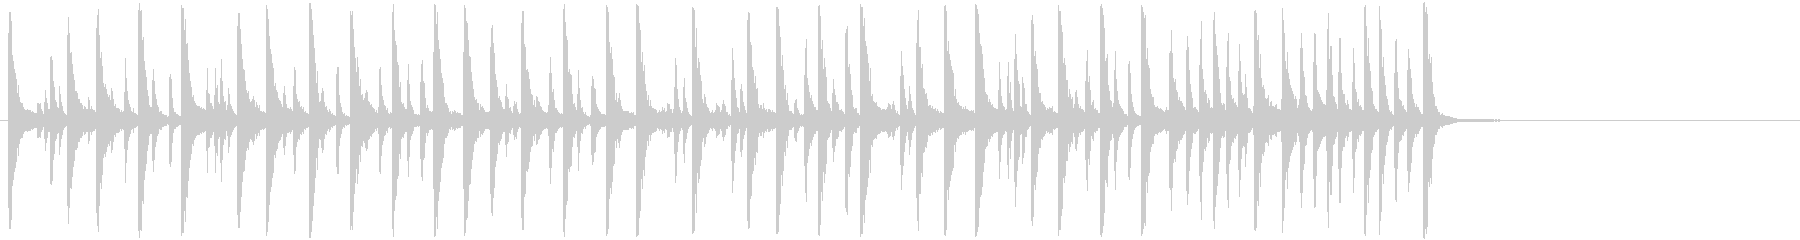 アコースティックドラムセット:スネ...の未再生の波形